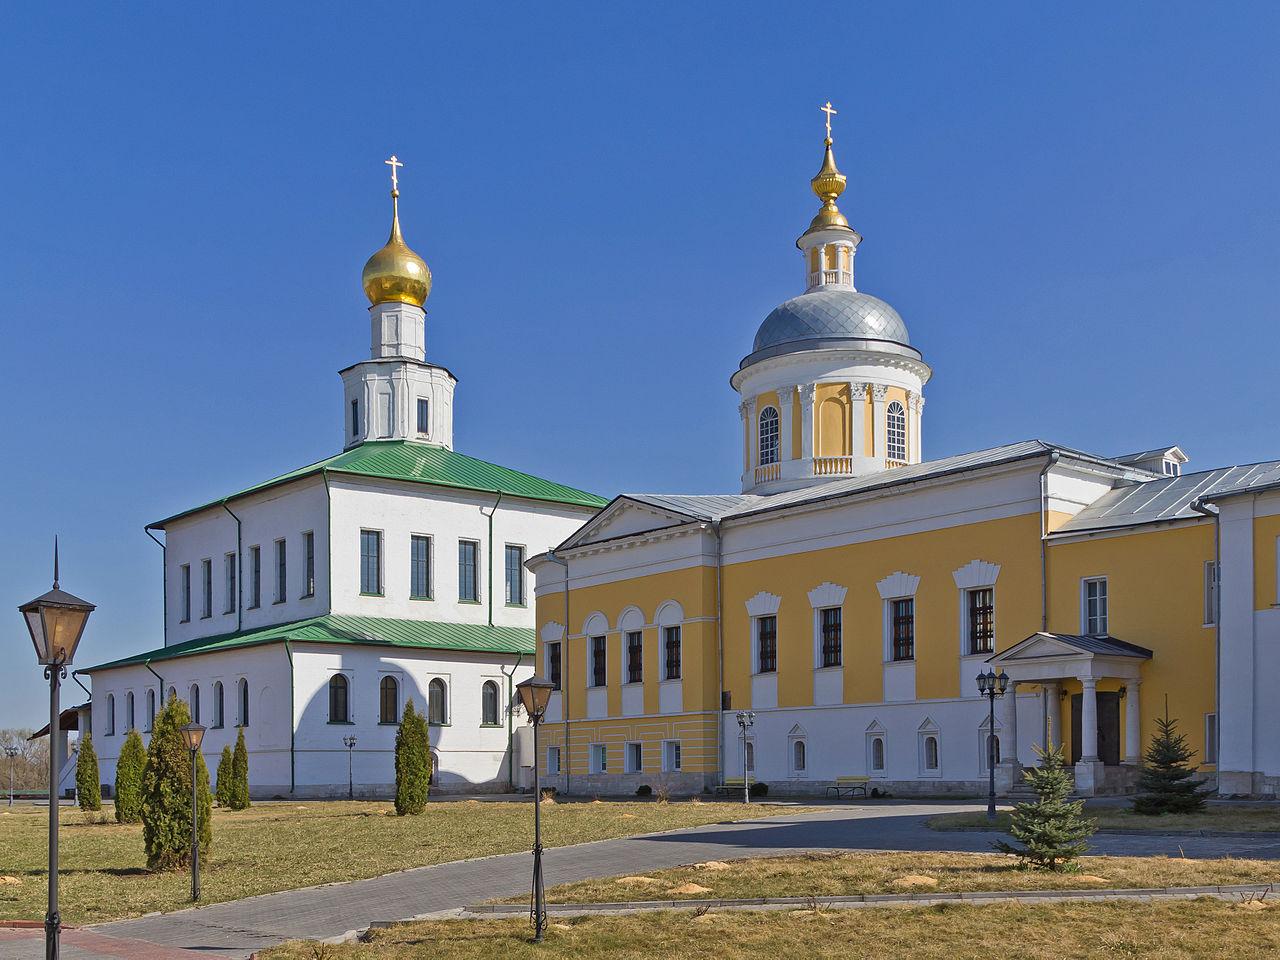 Богоявленский Старо-Голутвин монастырь в Коломне, храм прп. Сергия и Богоявленский собор